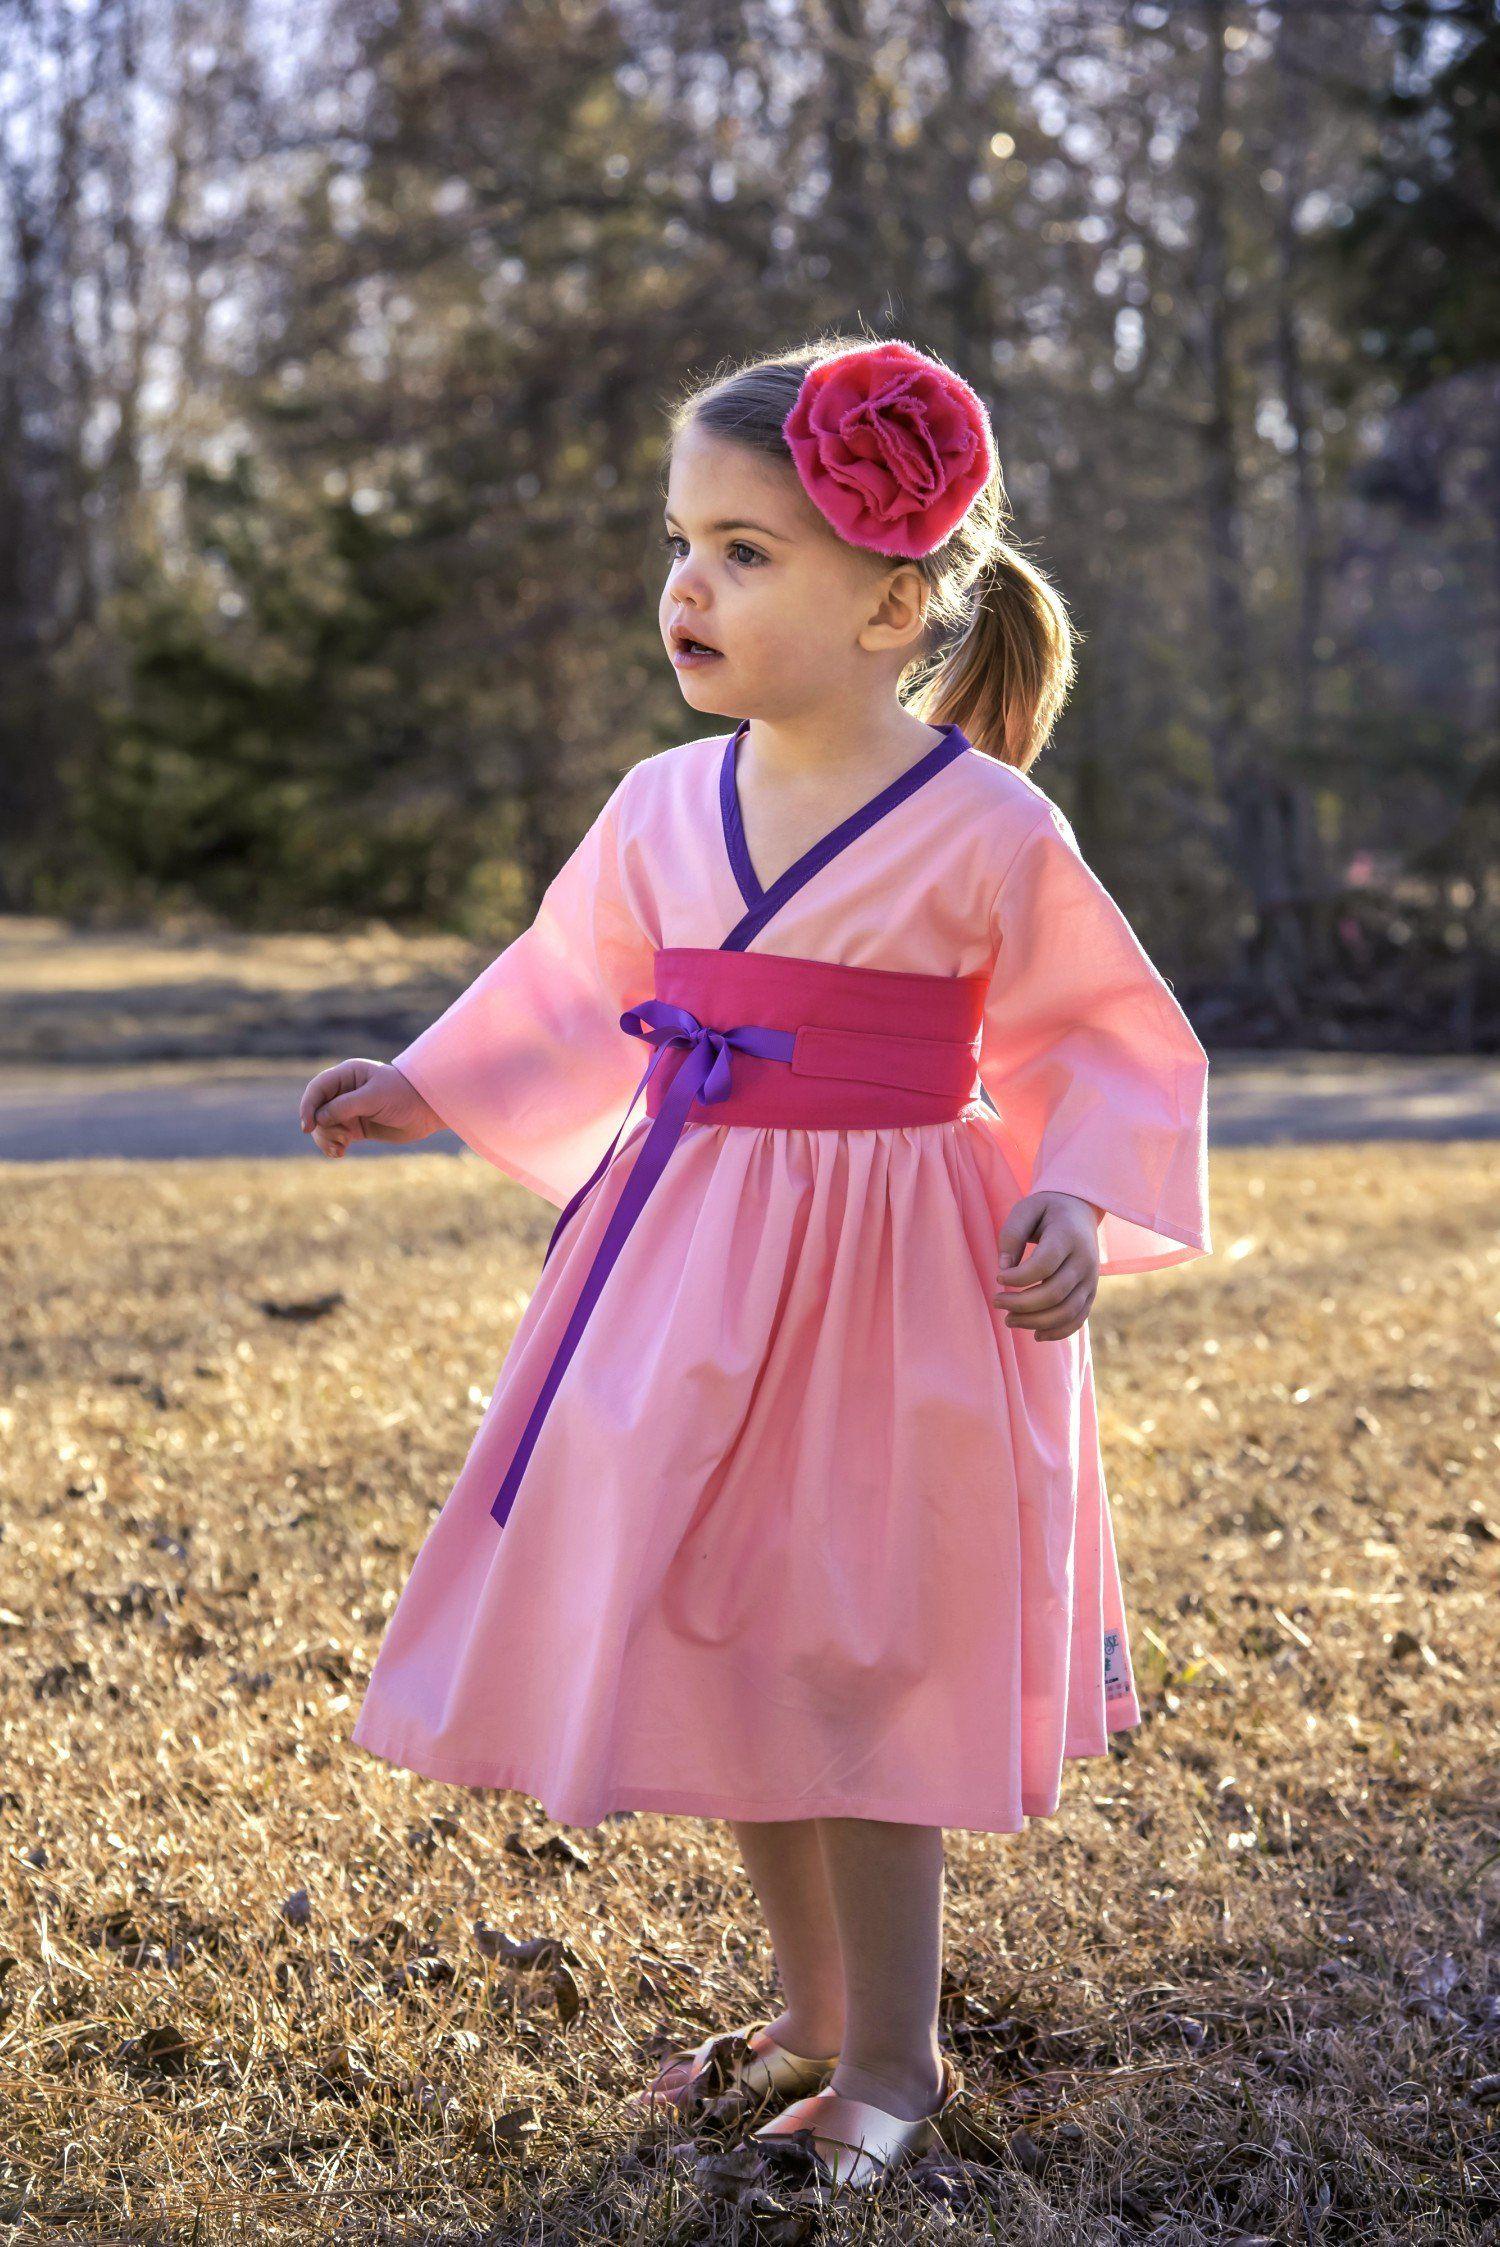 Princess Mulan Mulan Costume Pink Mulan Dress Mulan Birthday Little Girl Kimono Mulan Kimono Little Girl Costumes Birthday Party Dress Girls Dresses